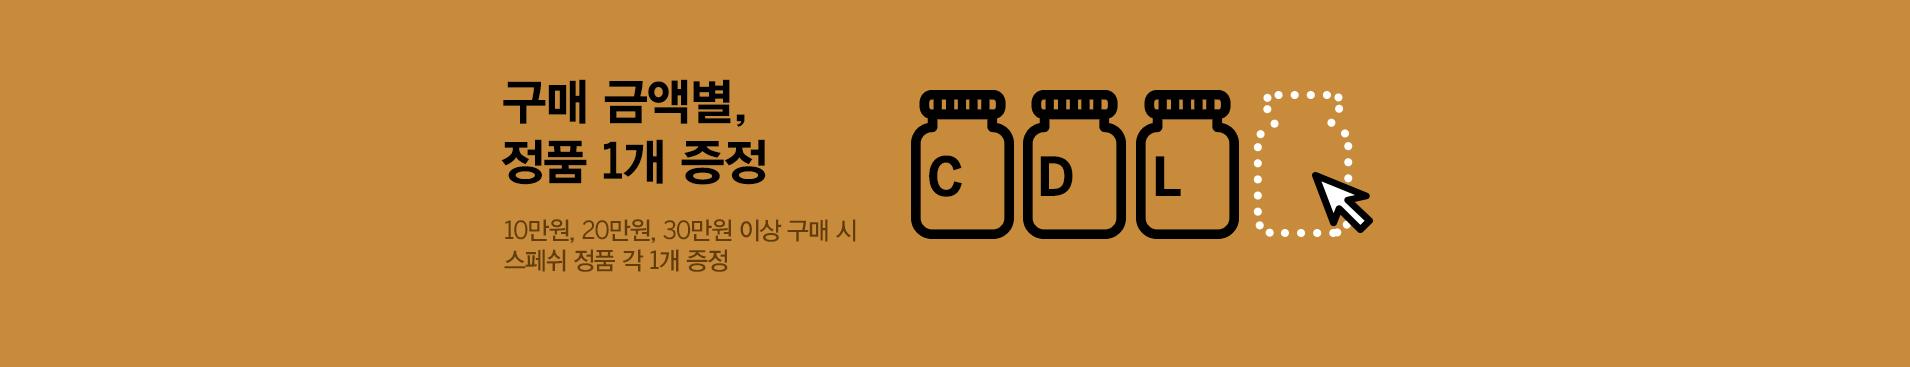 2월 3차 구매 금액별 정품 증정 이벤트